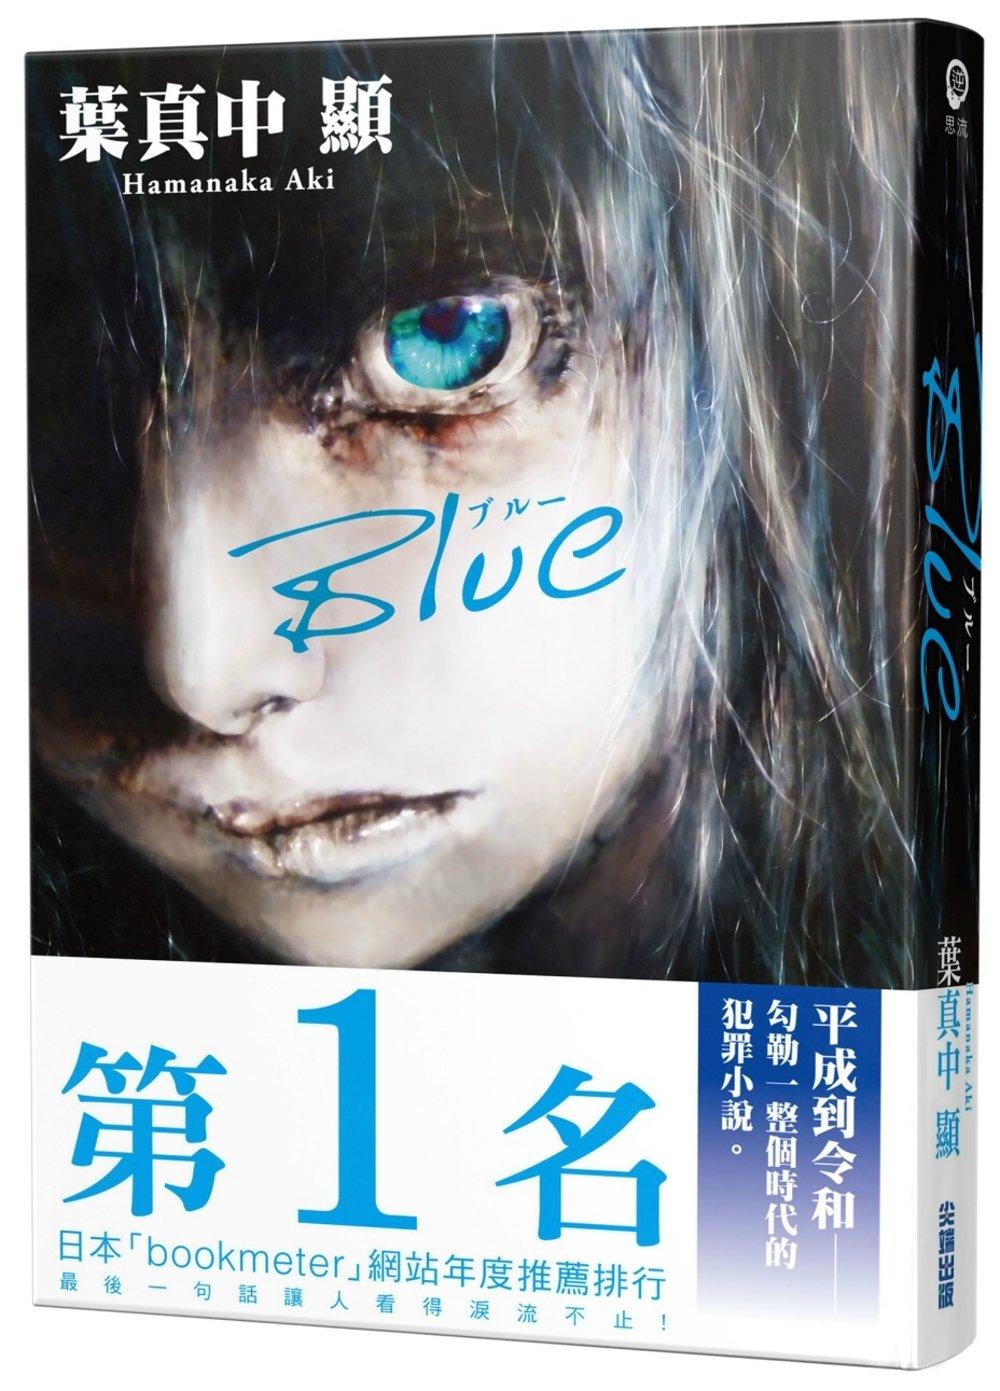 【作者親簽板】Blue (達‧...